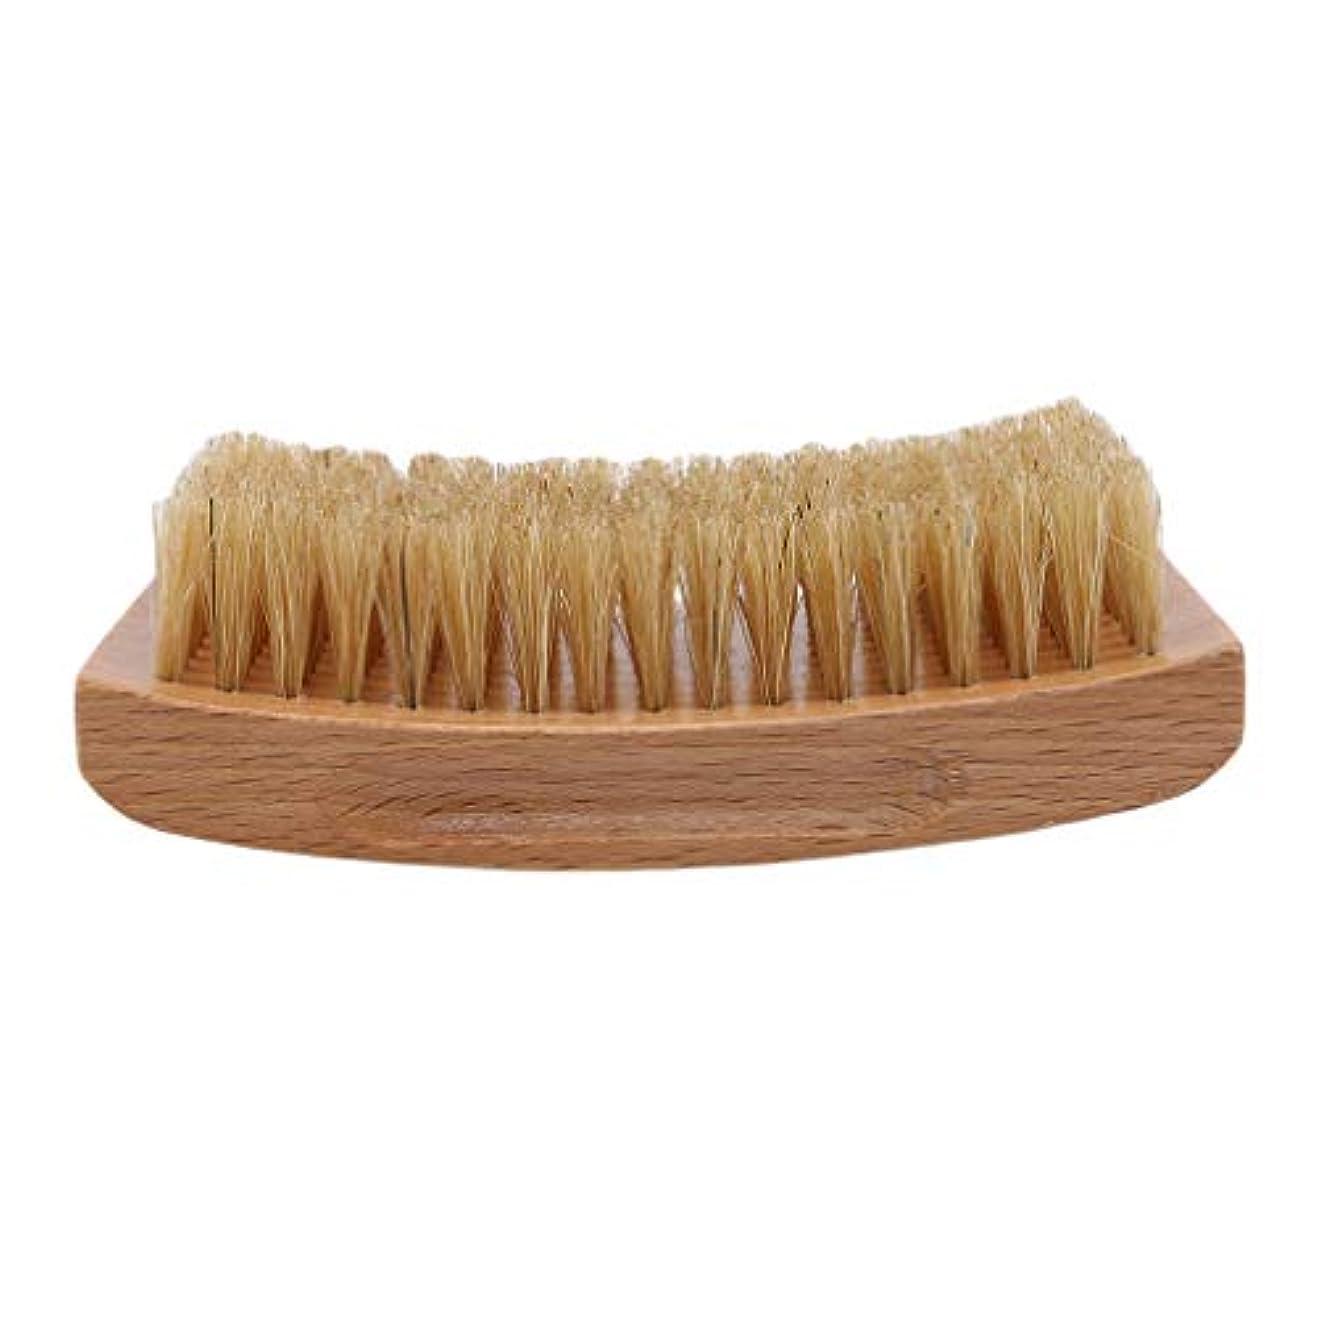 農村アダルト子羊Largesoy ひげブラシ シェービングブラシ 理容 洗顔 髭剃り 泡立ち ひげ剃り 美容ツール シェービング用アクセサリー 1#